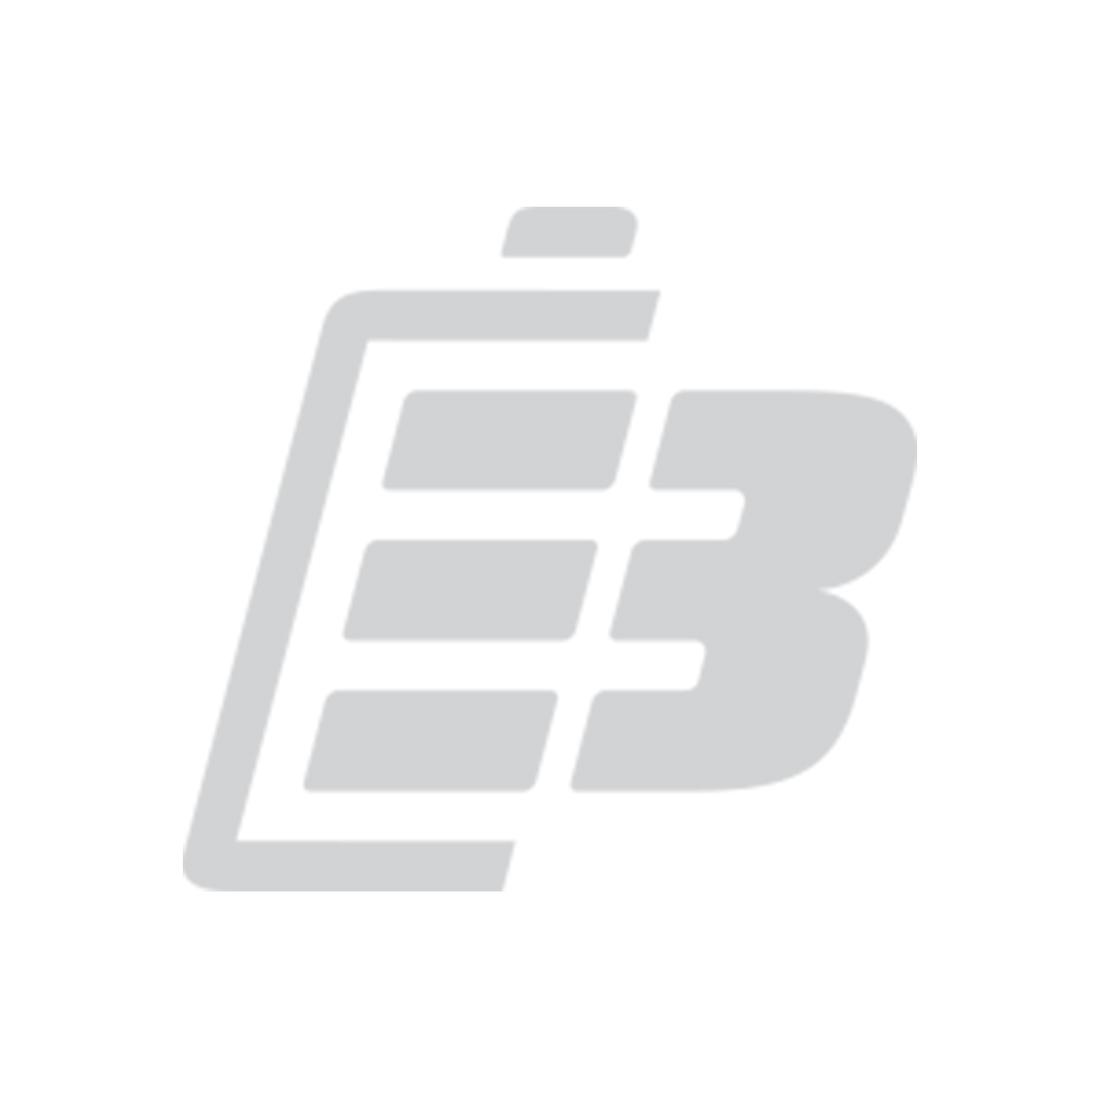 Μπαταρια Μολυβδου Multipower 4V 4,5Ah